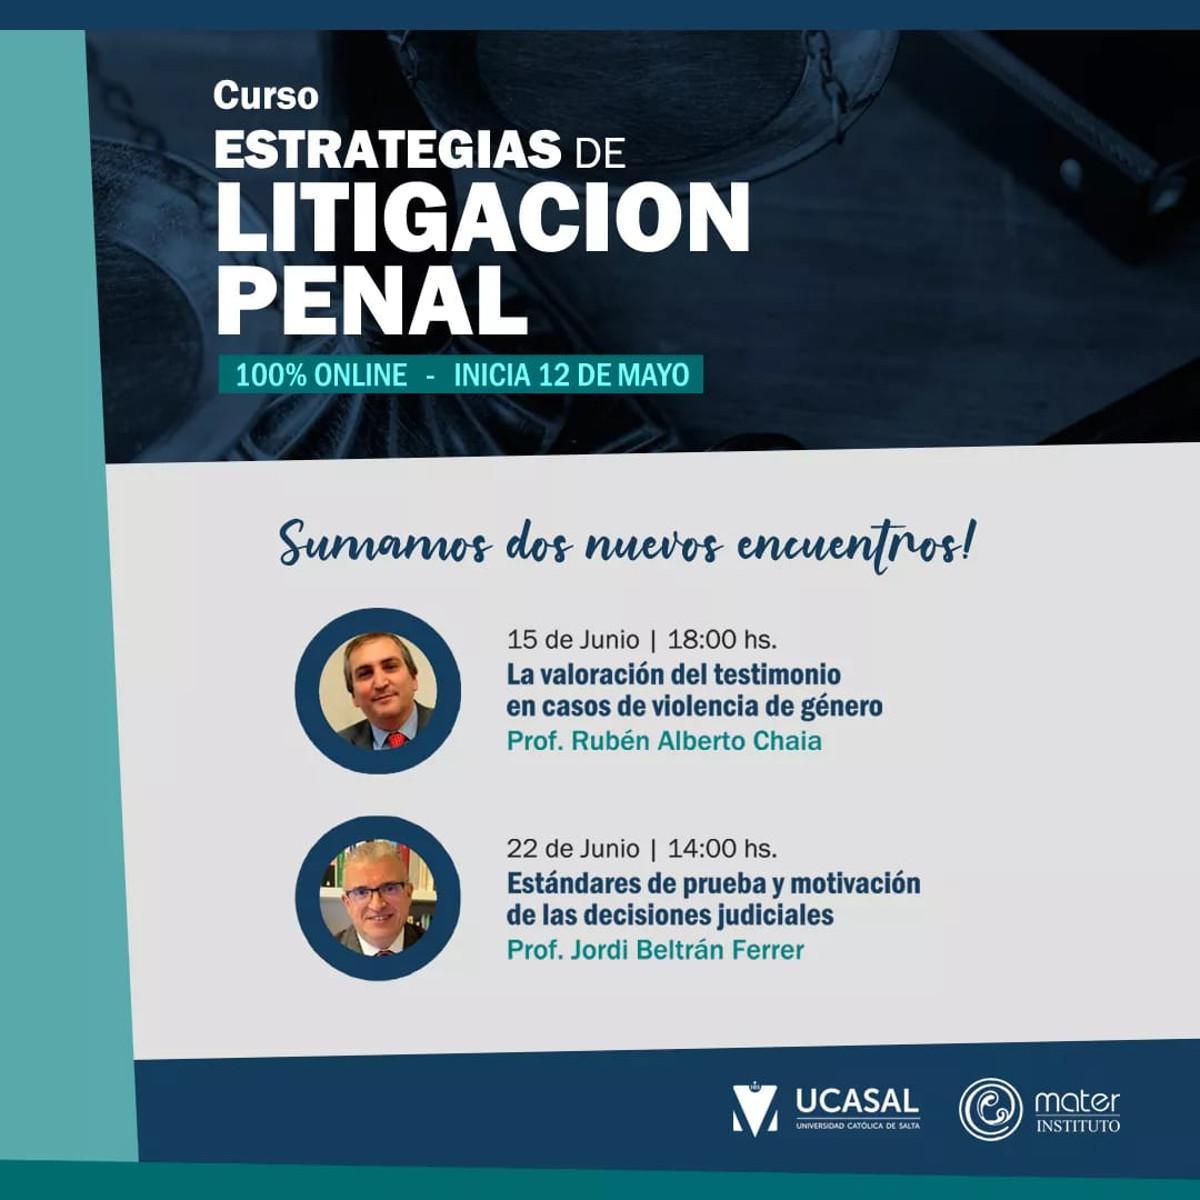 estrategias litigacion penal